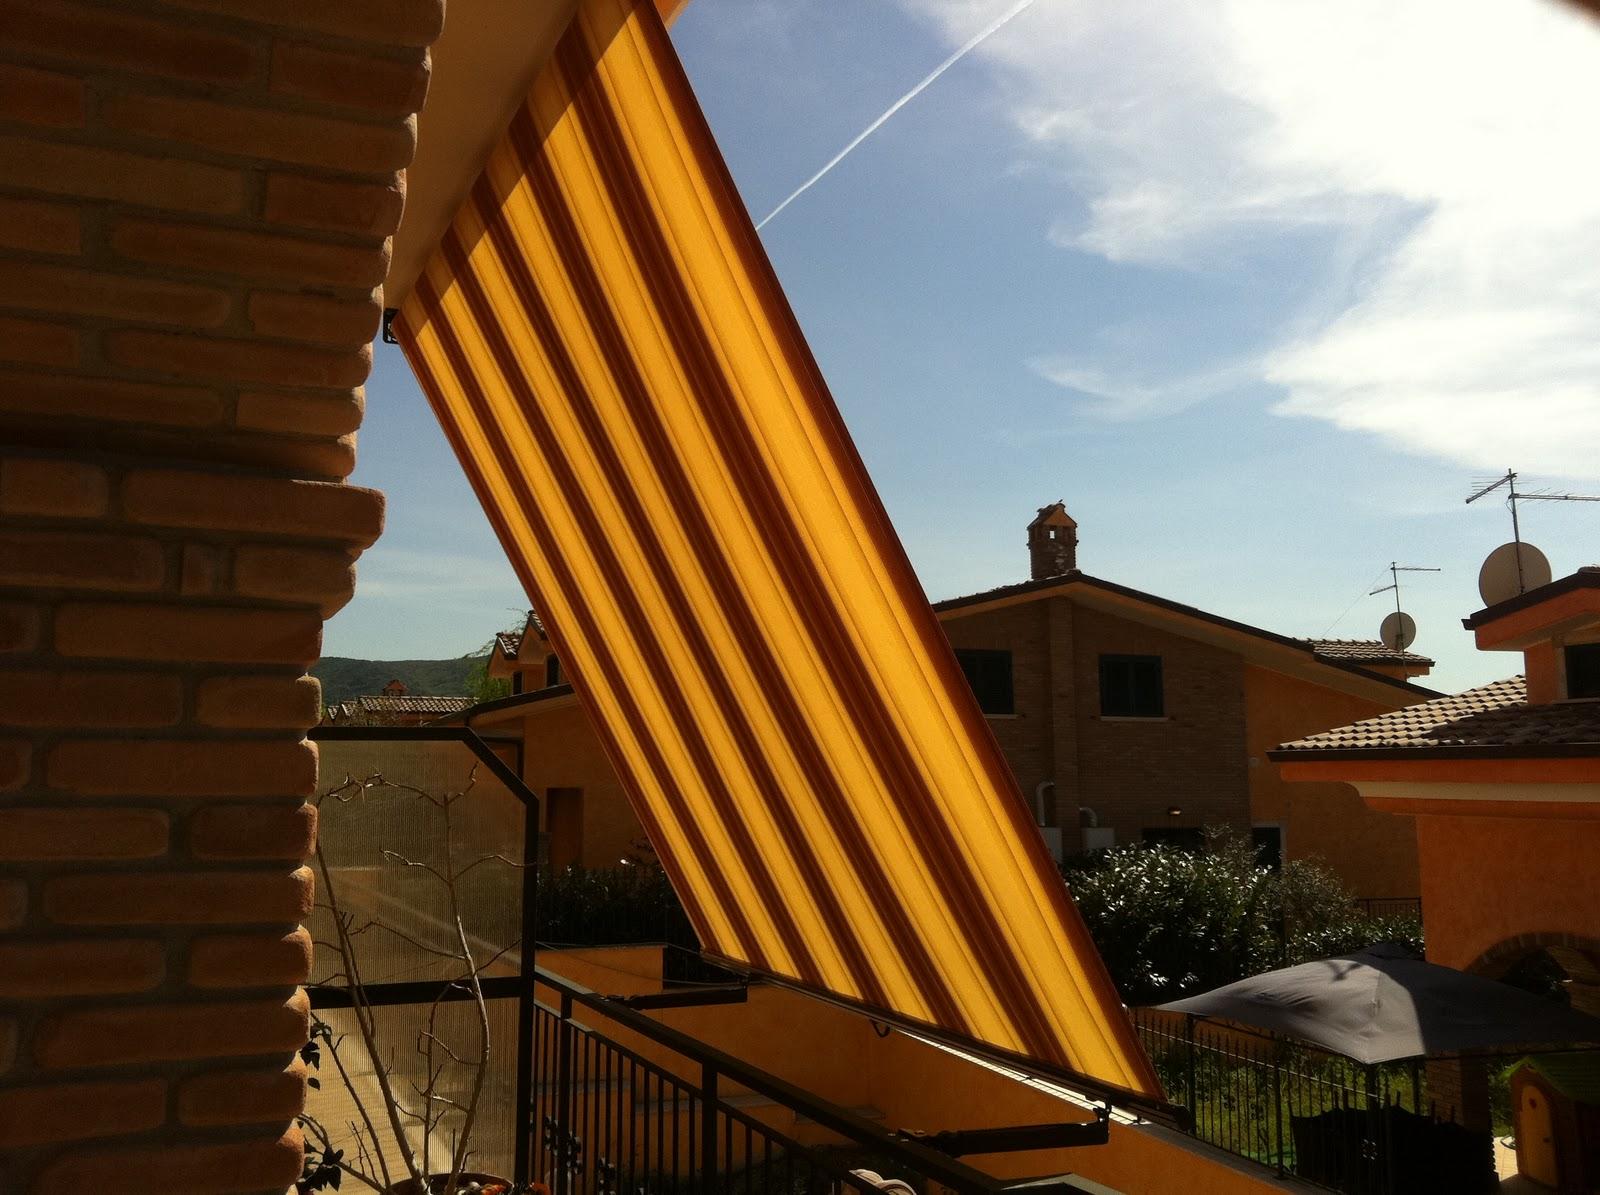 Tessuti Tende Da Sole Per Esterni.Tendedasole Tappezzeria Tivoli Roma